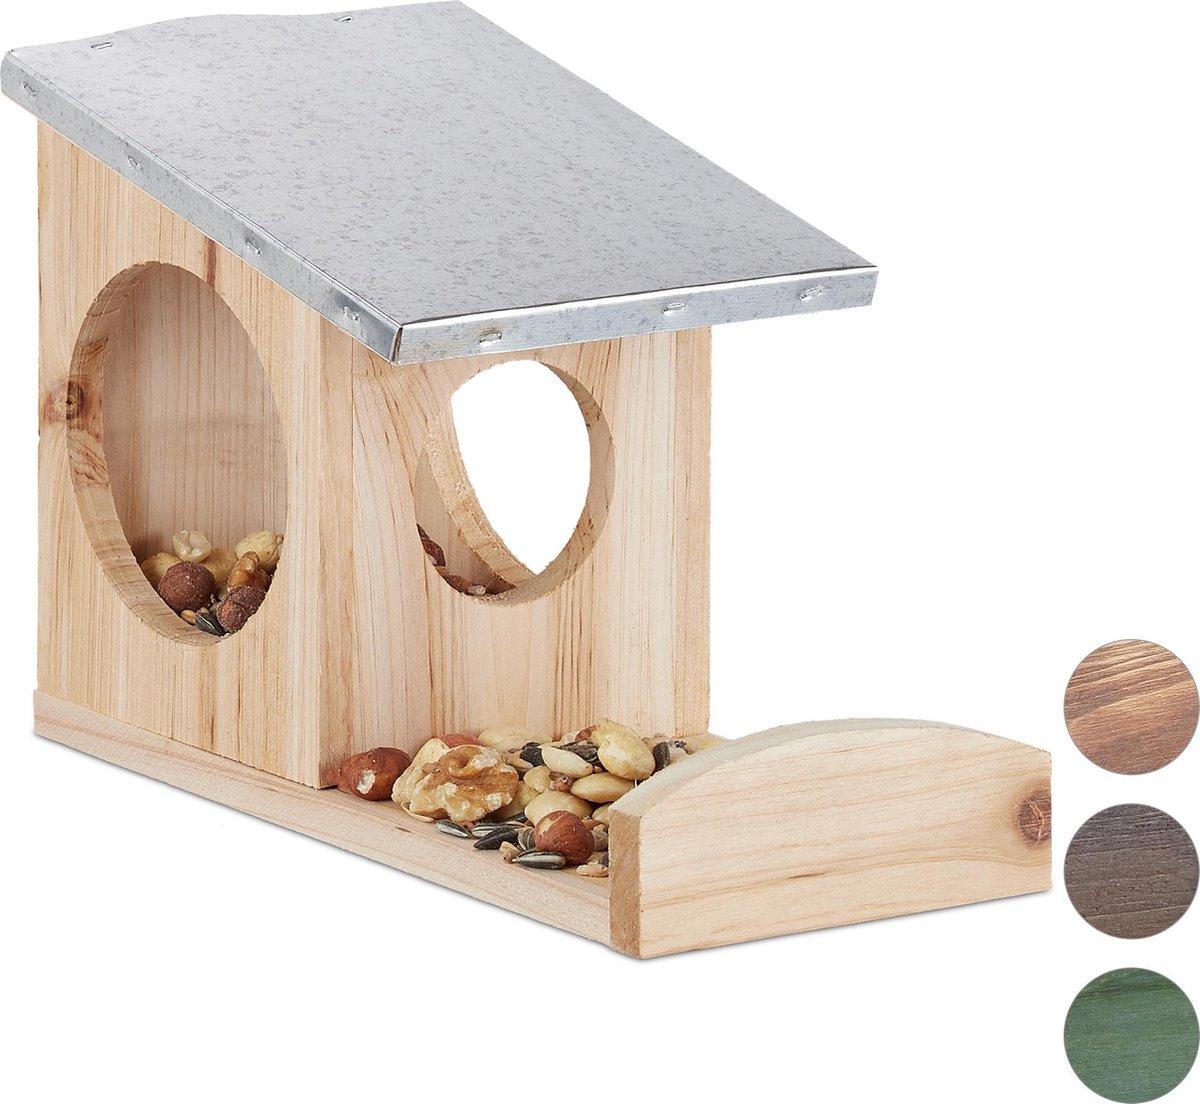 relaxdays eekhoorn voederhuisje - om op te hangen - metalen dak - hout - eekhoornhuis Naturel